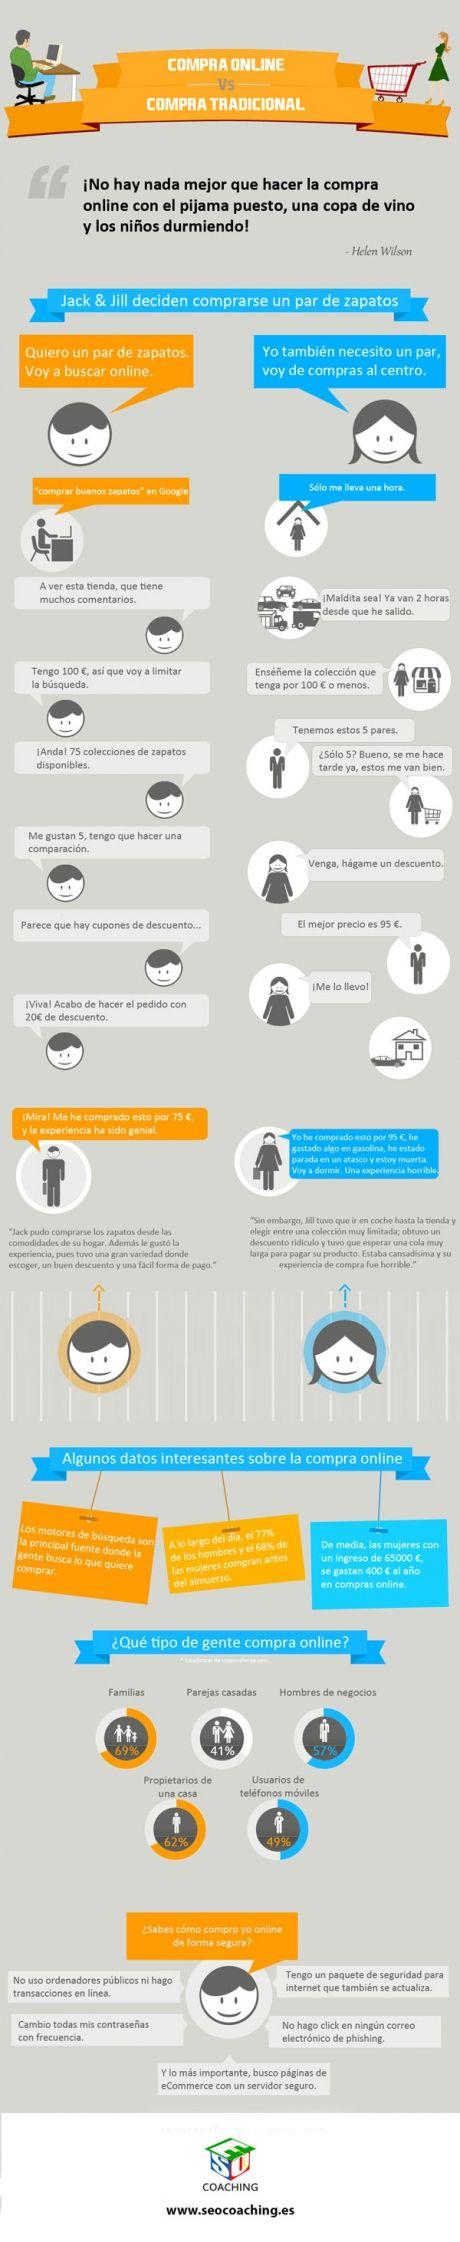 ¿Cuáles son las diferencias entre la compra online y la compra tradicional? #marketingonline #eCommerce